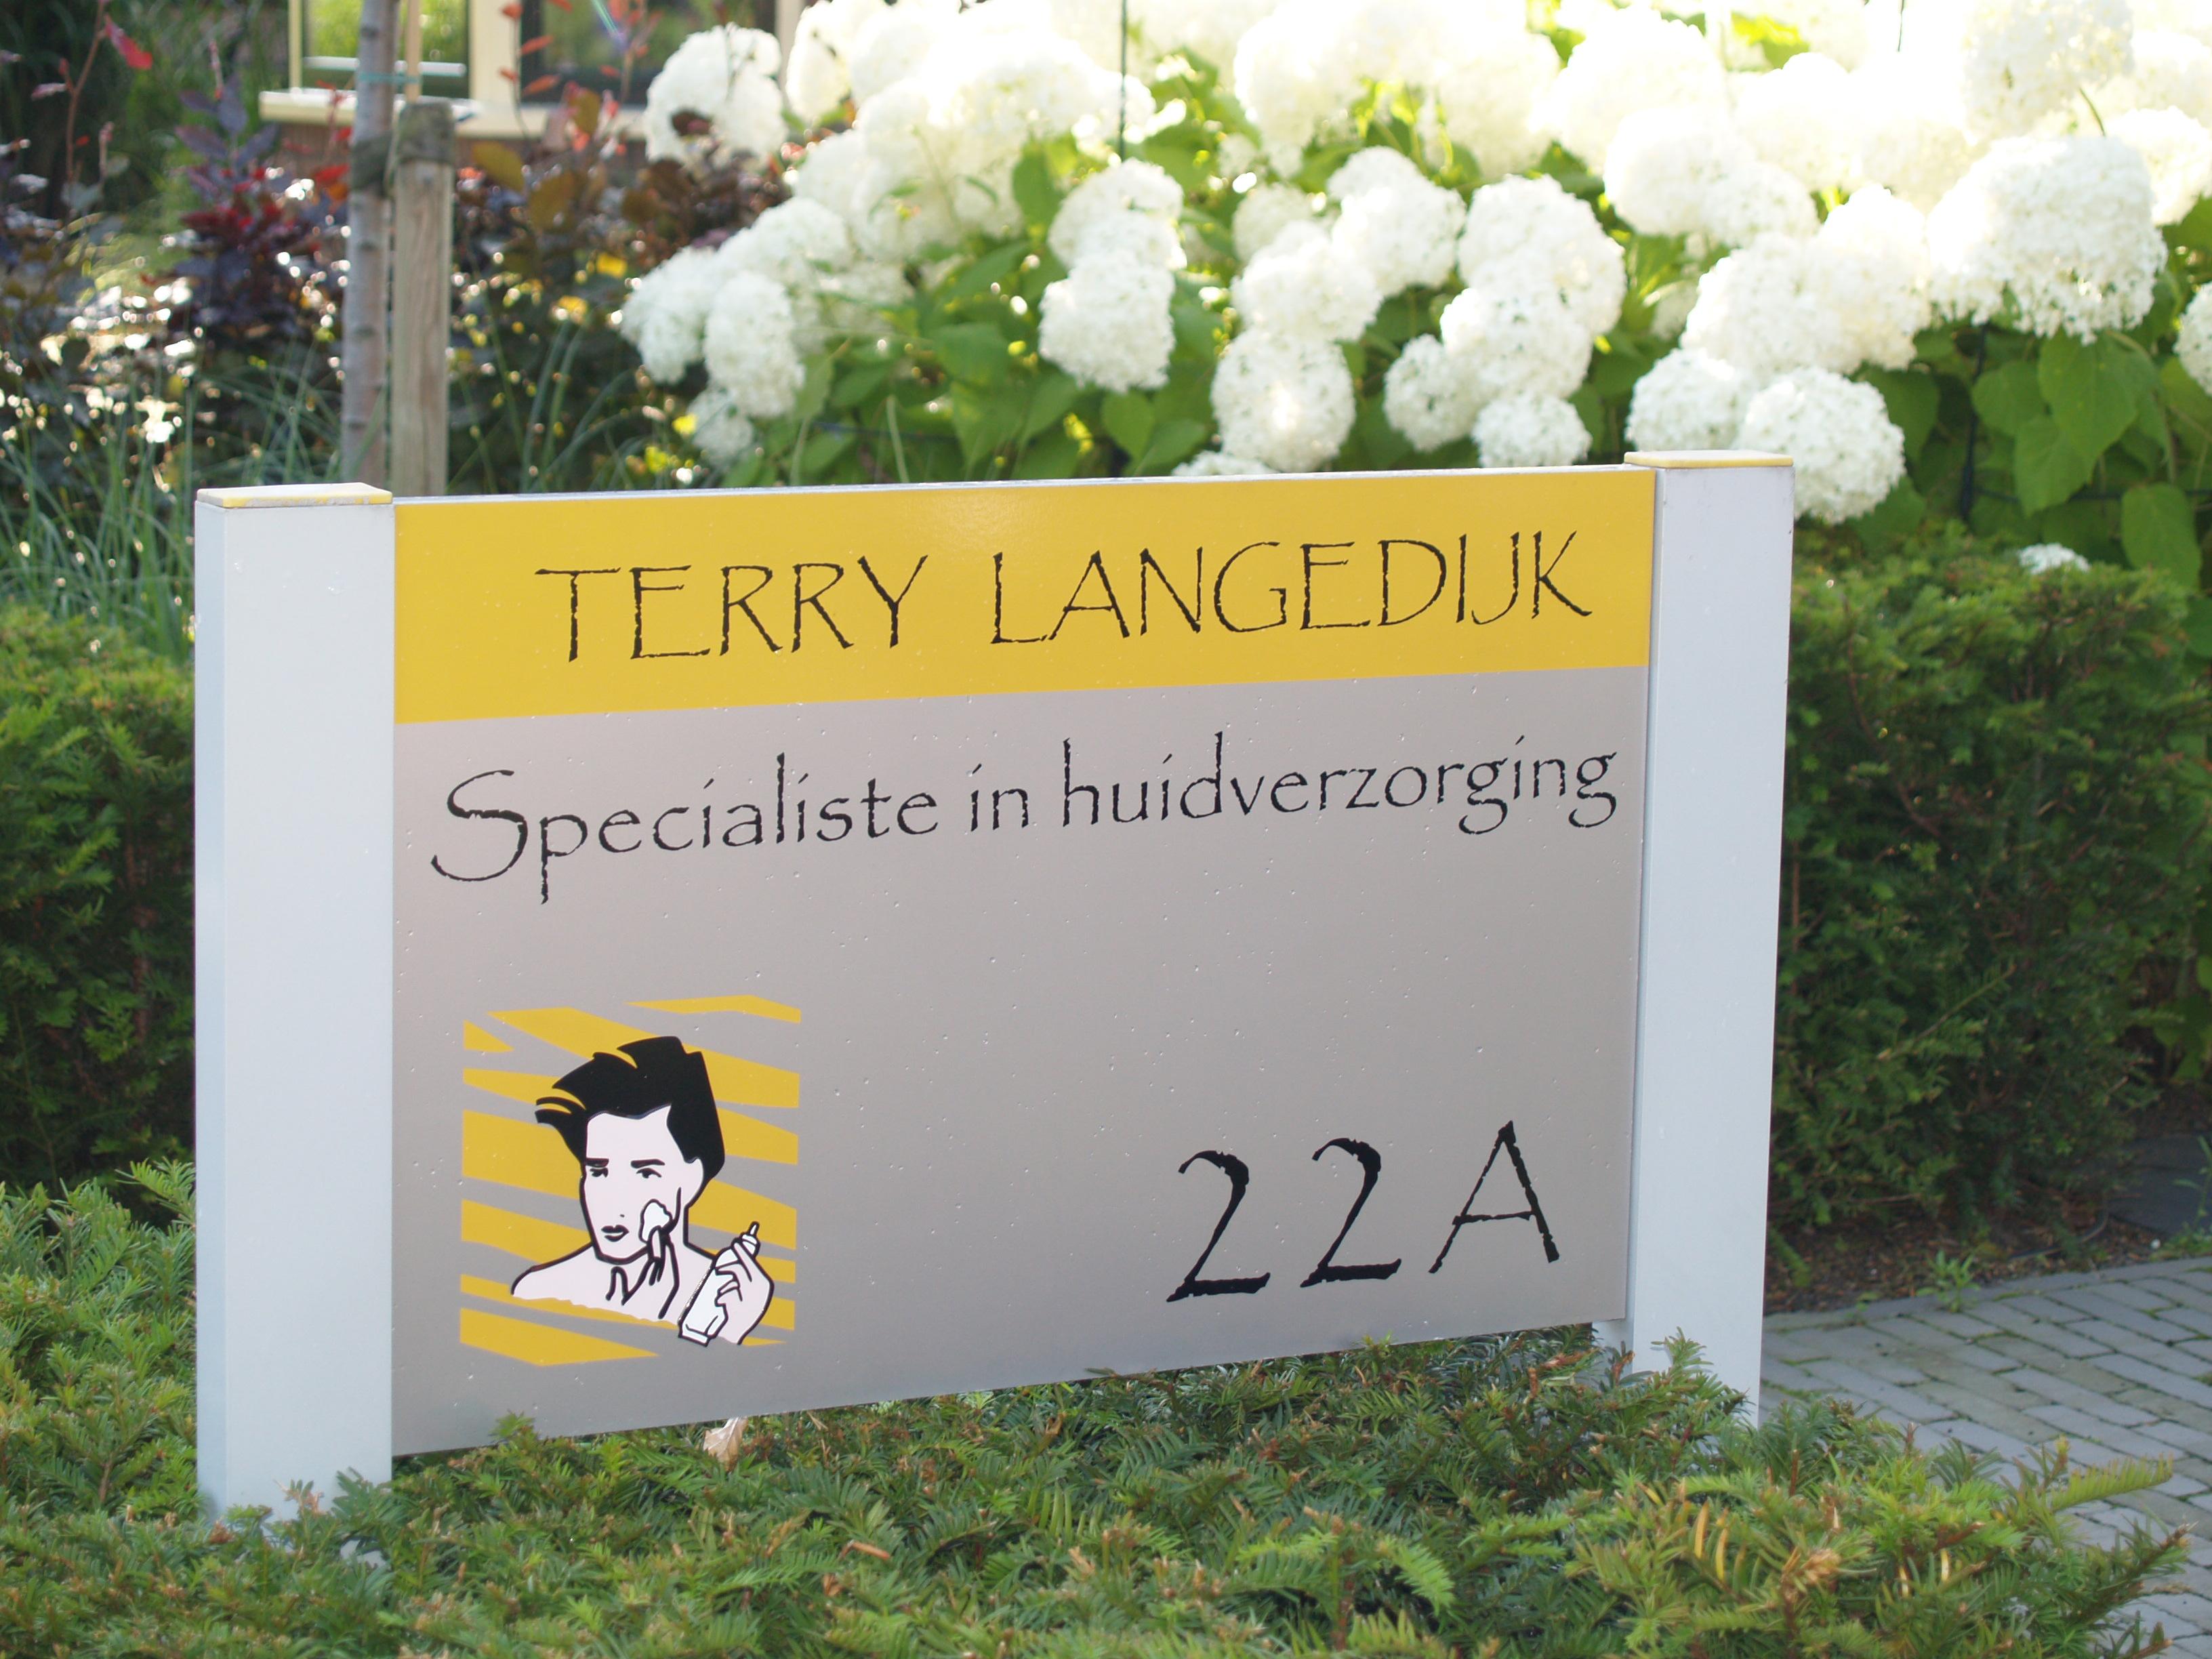 Terry Langedijk huidverzorging